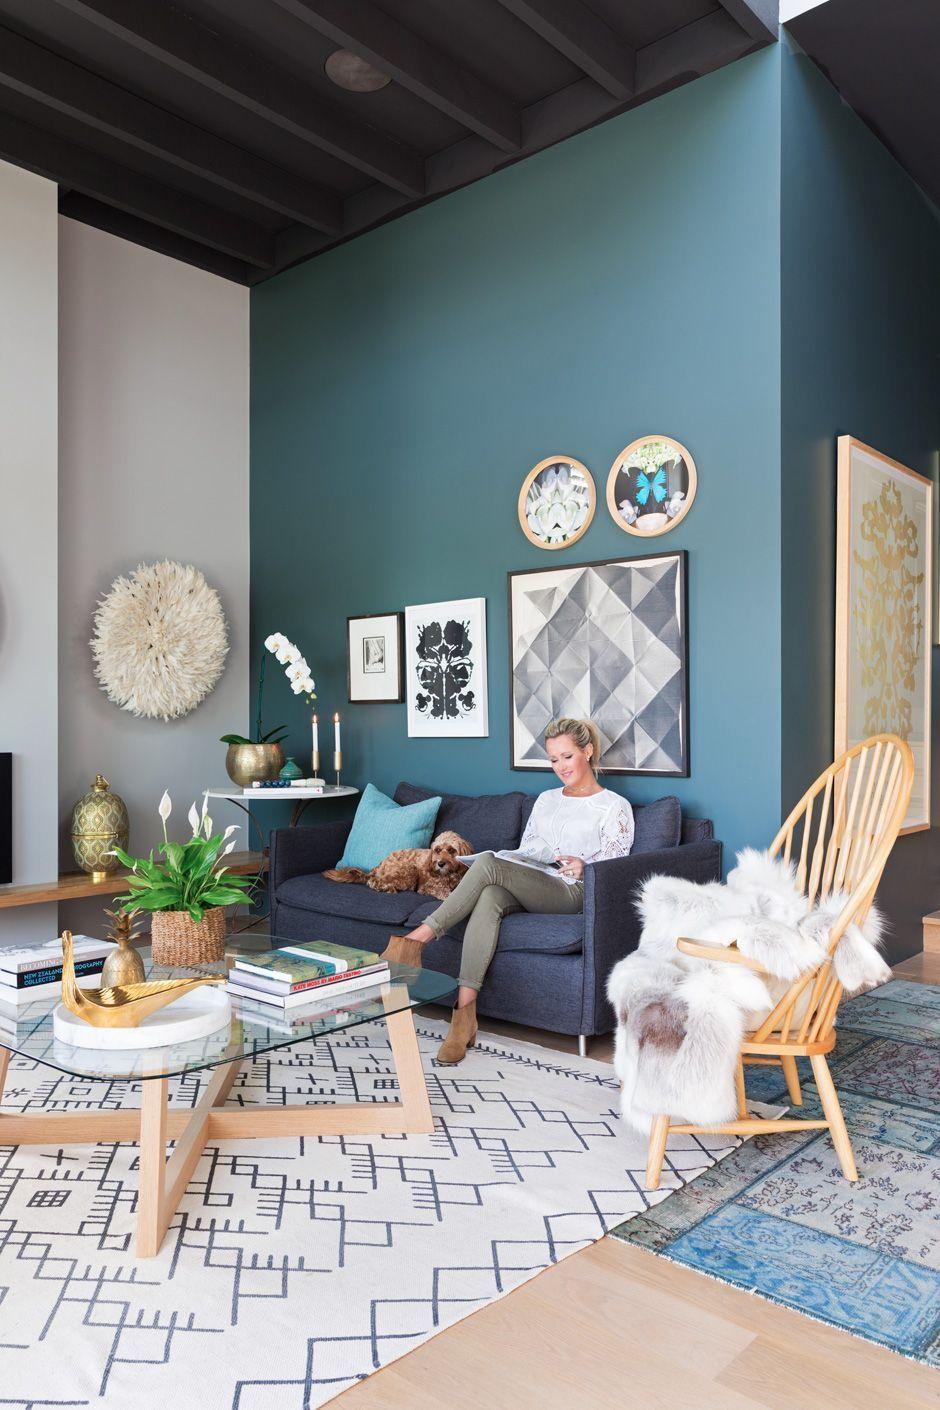 Salon bleu canard : idées peinture et déco bleu canard à copier en